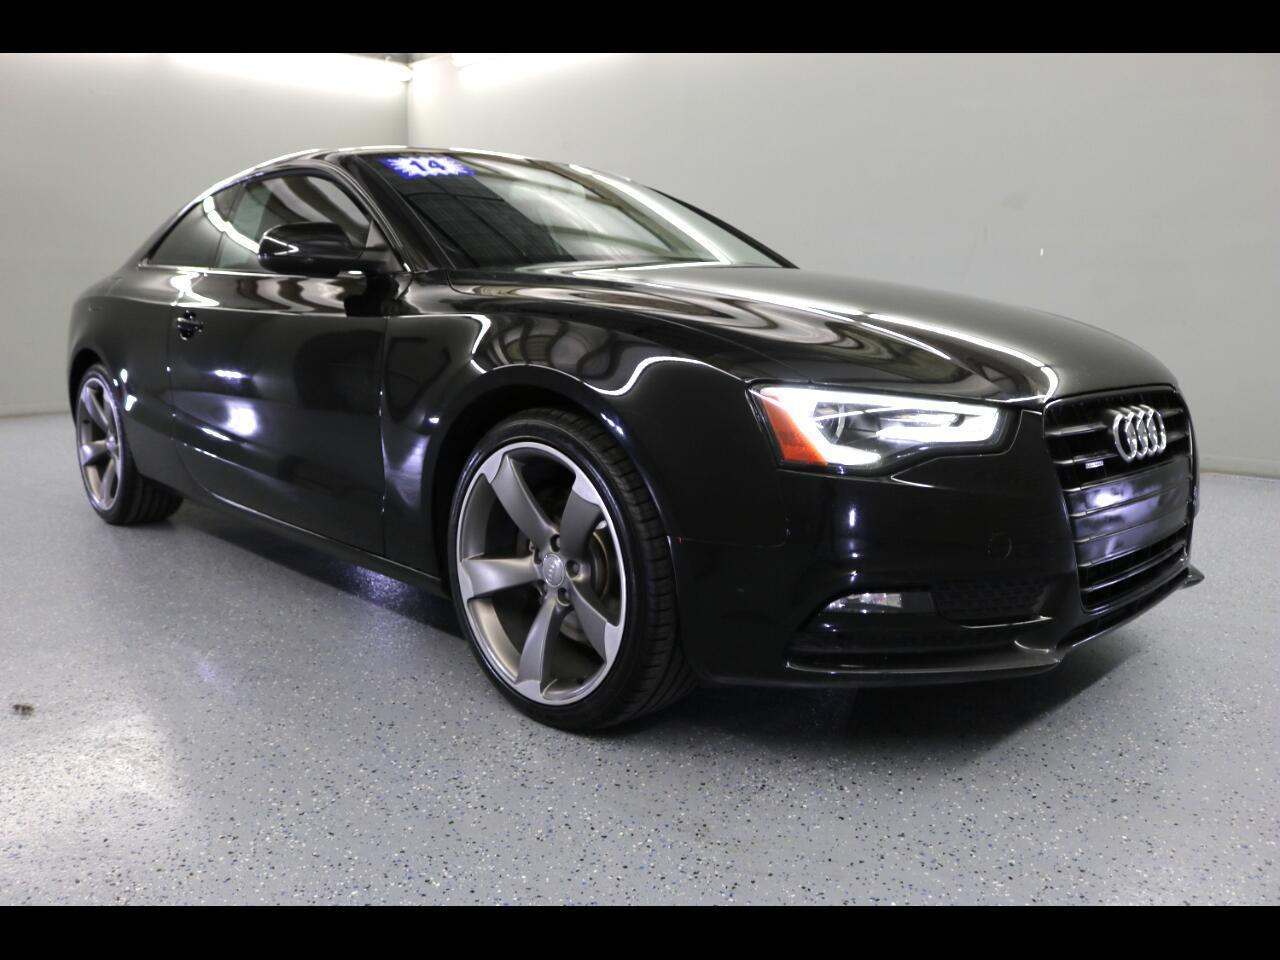 Audi A5 2dr Cpe Auto quattro 2.0T Premium Plus 2014